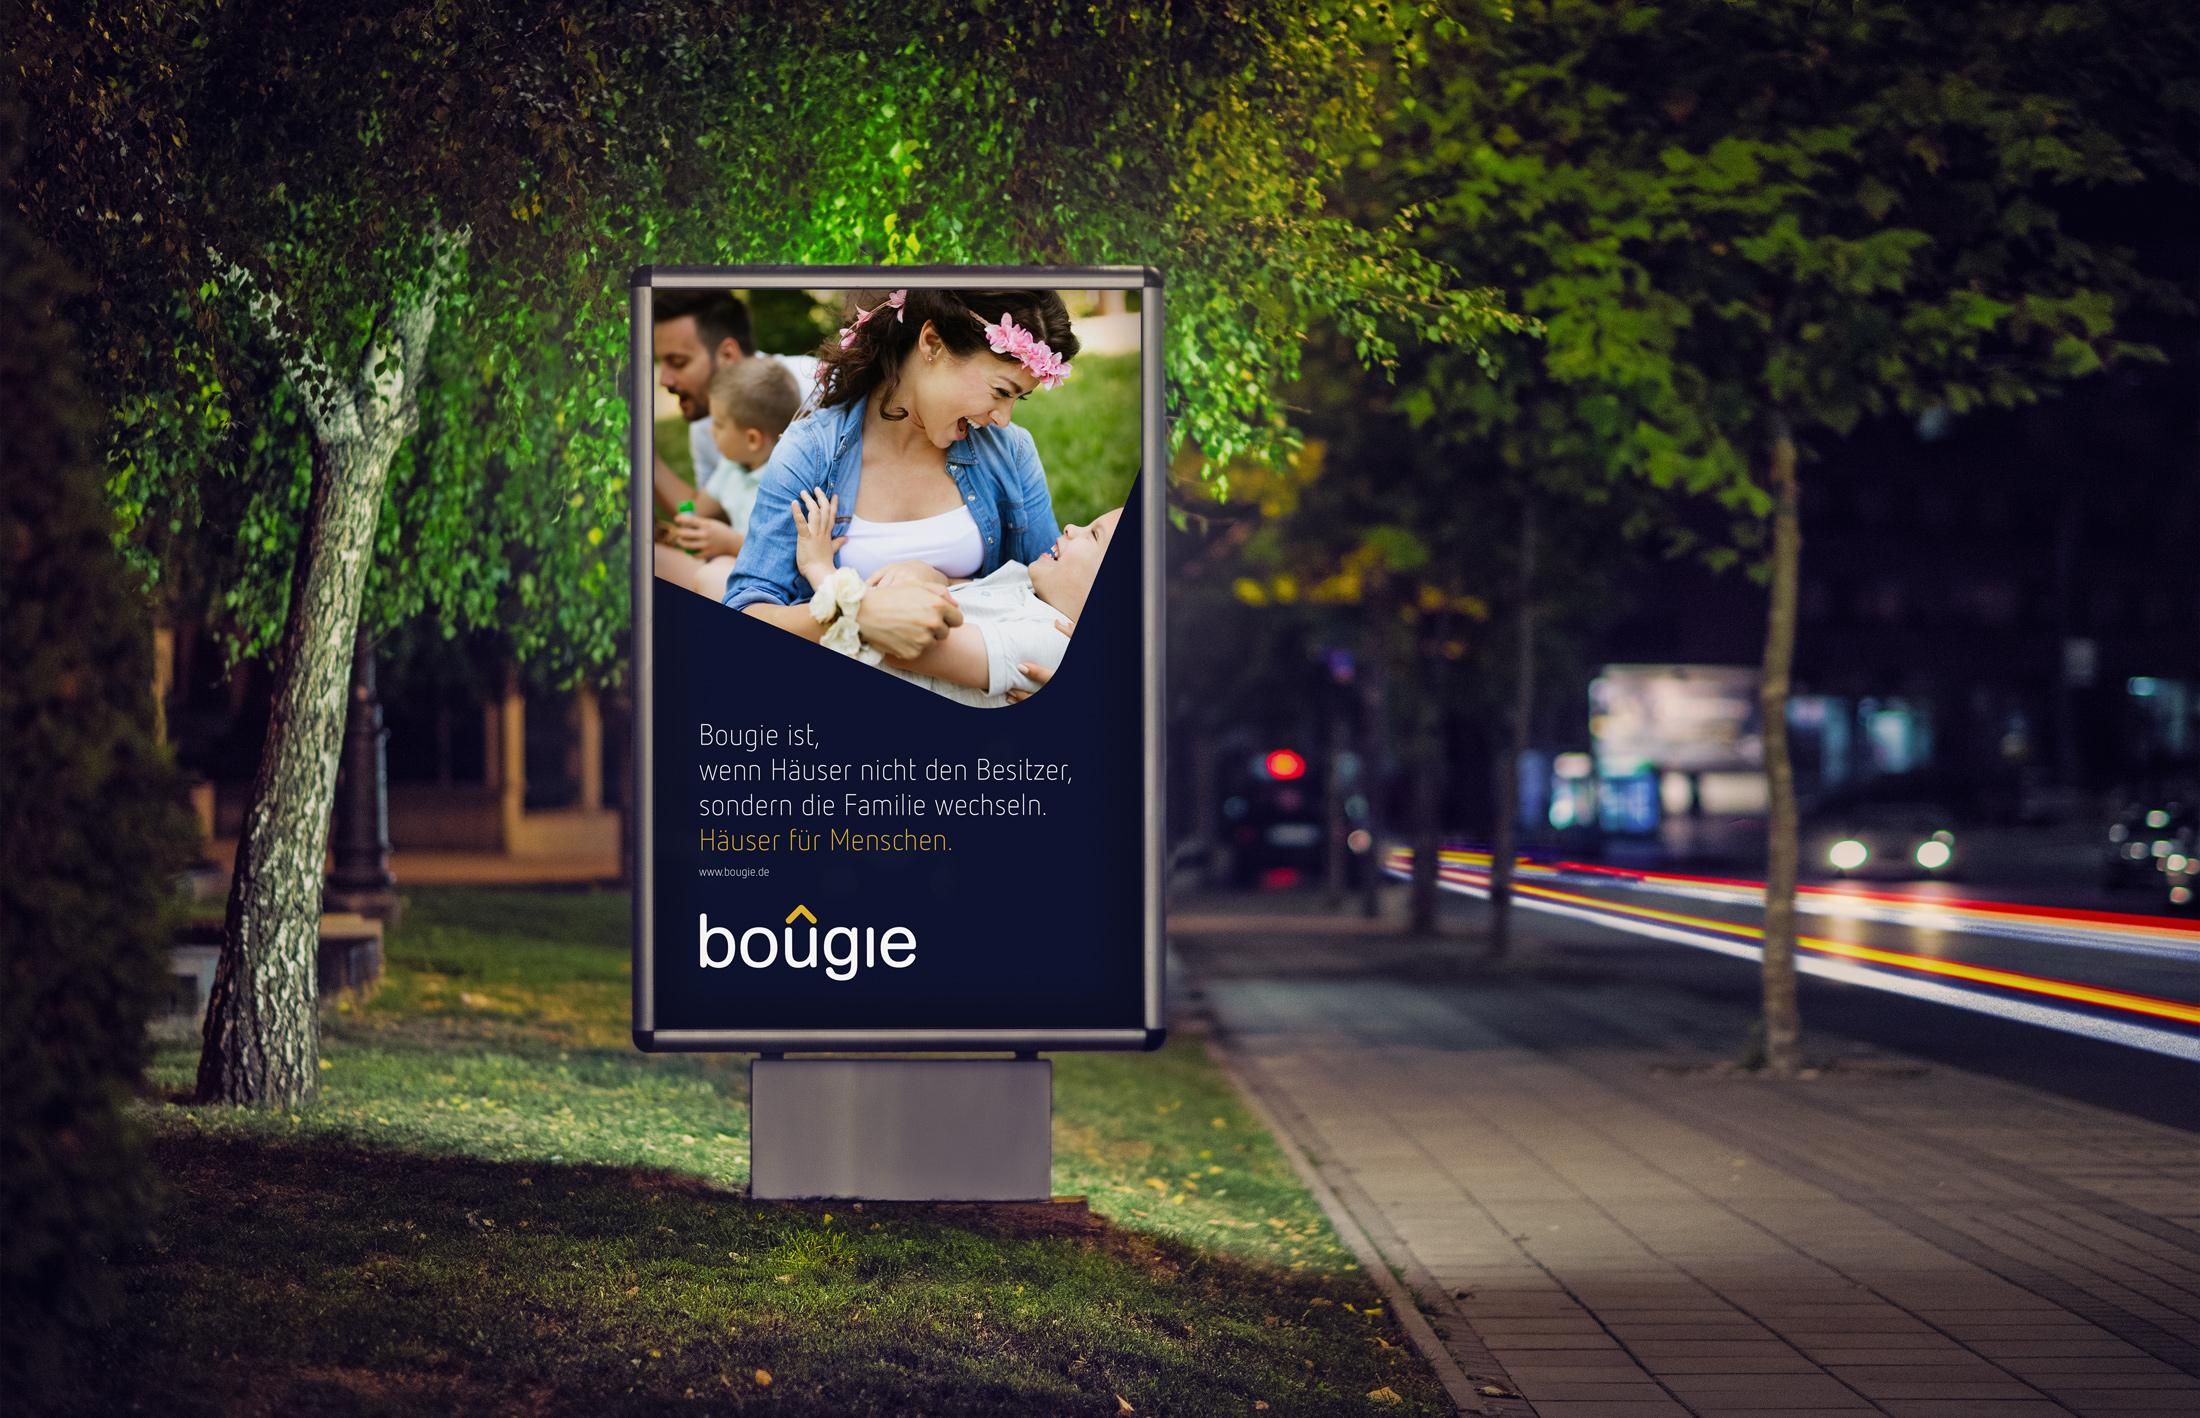 Bougie-Outdoor_Advertising